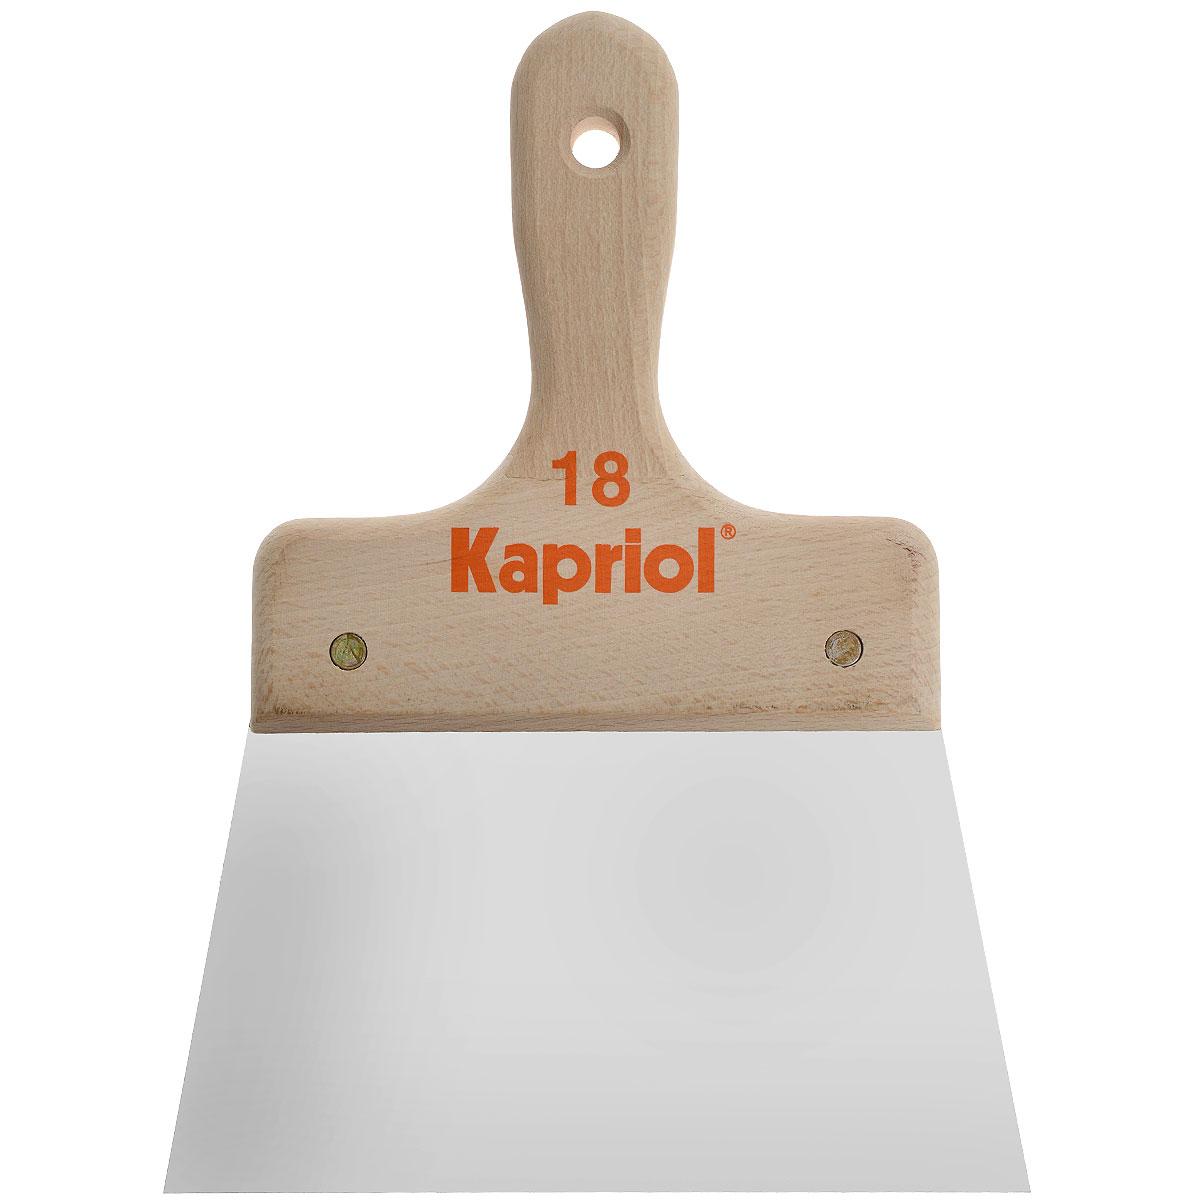 Шпатель полужесткий Kapriol, с деревянной ручкой, 18 см23223Шпатель полужесткий Kapriol с деревянной ручкой используется при внутренней отделке помещений для шпаклевания стен и потолков специальными растворами. Особенности шпателя: Полотно - средней жесткости; Полотно изготовлено из закаленной хромированной стали; Деревянная рукоятка.